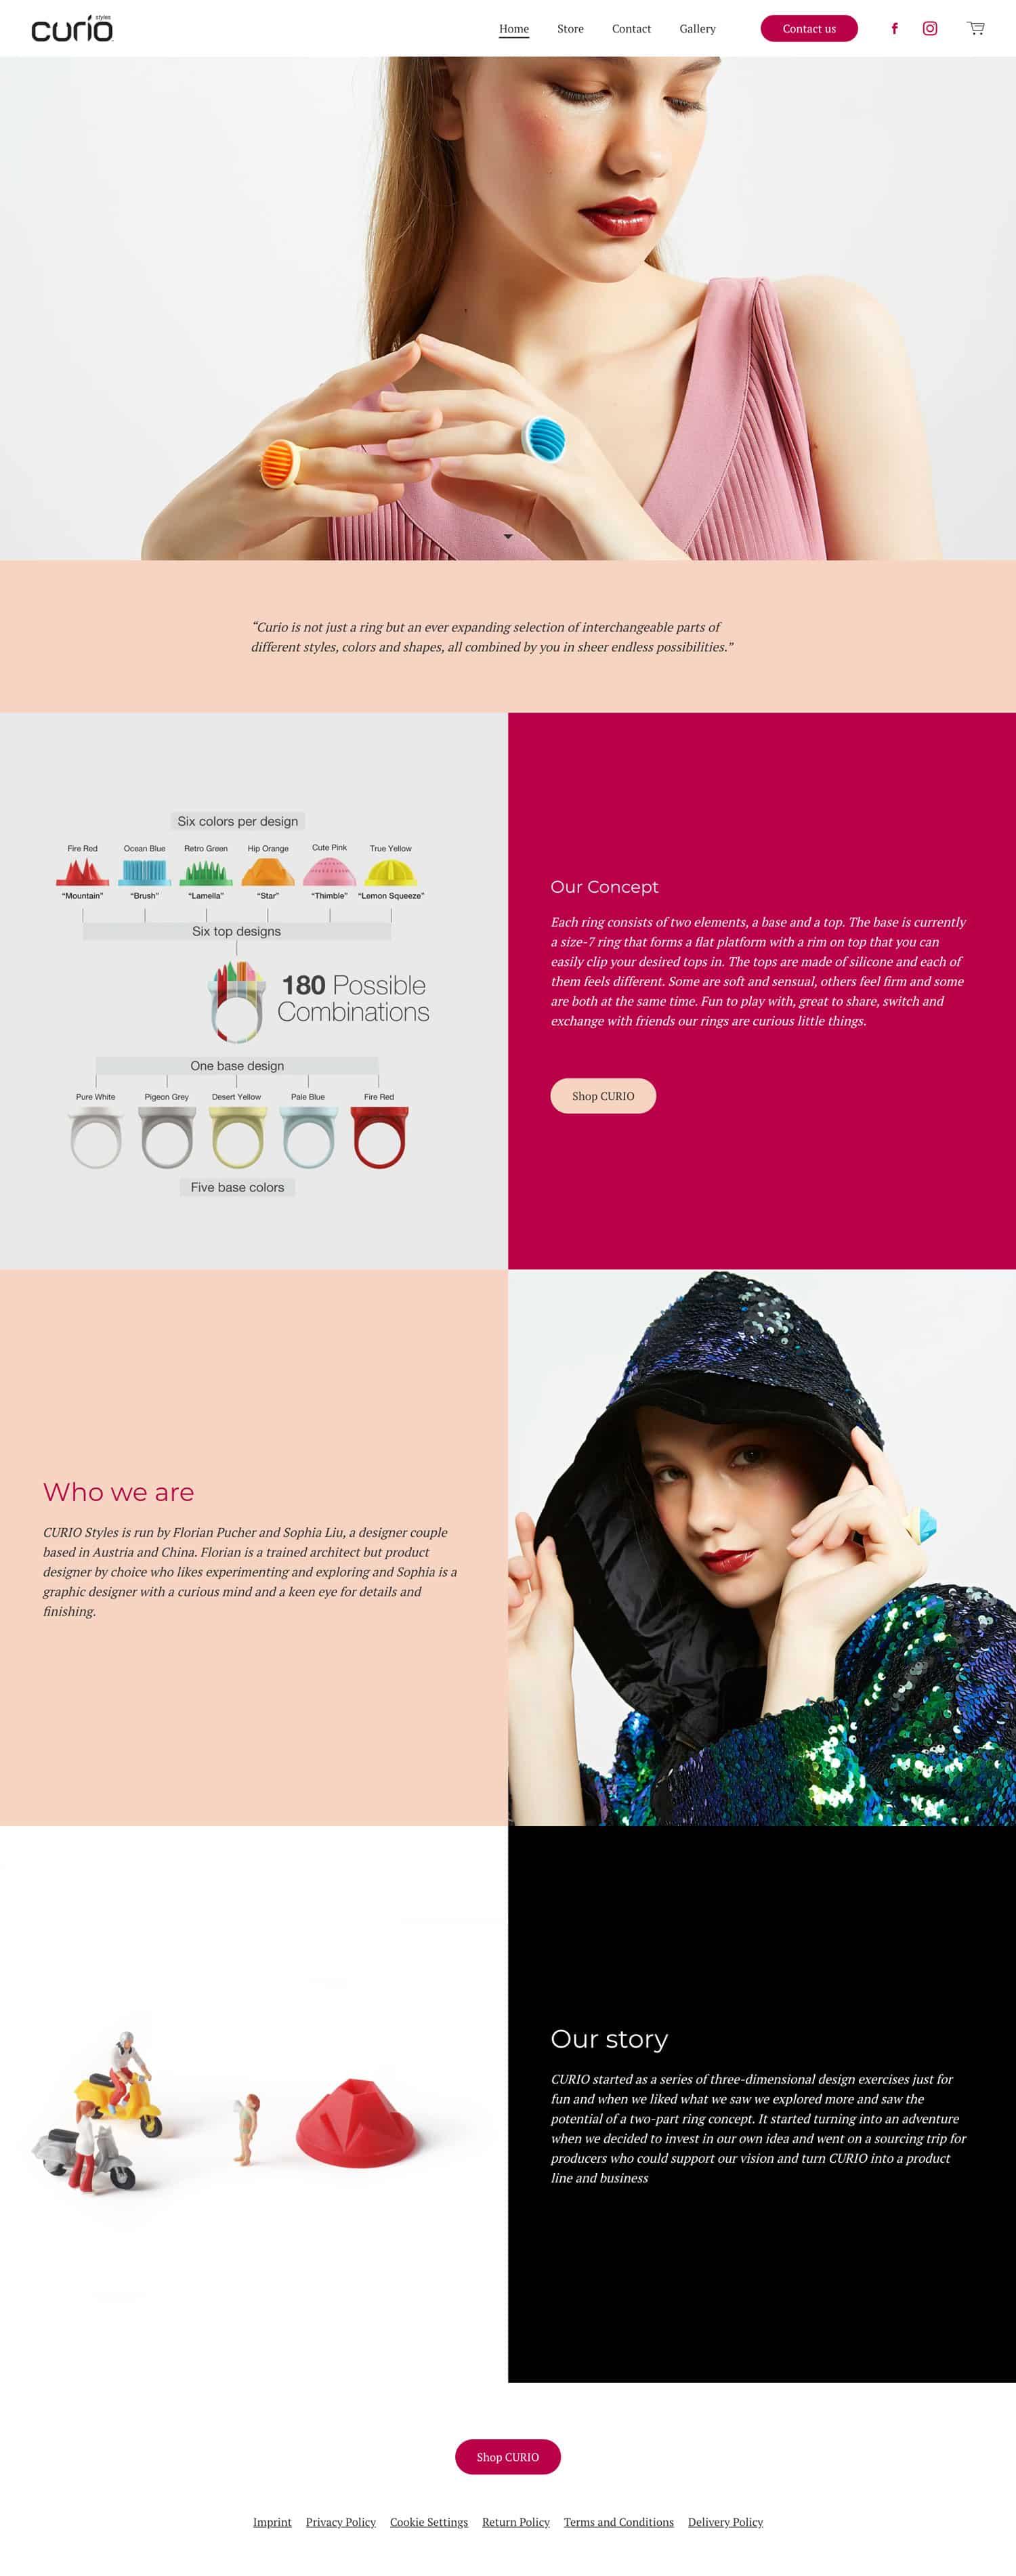 Mit Jimdo kannst du auch aufwendige Webseiten gestalten